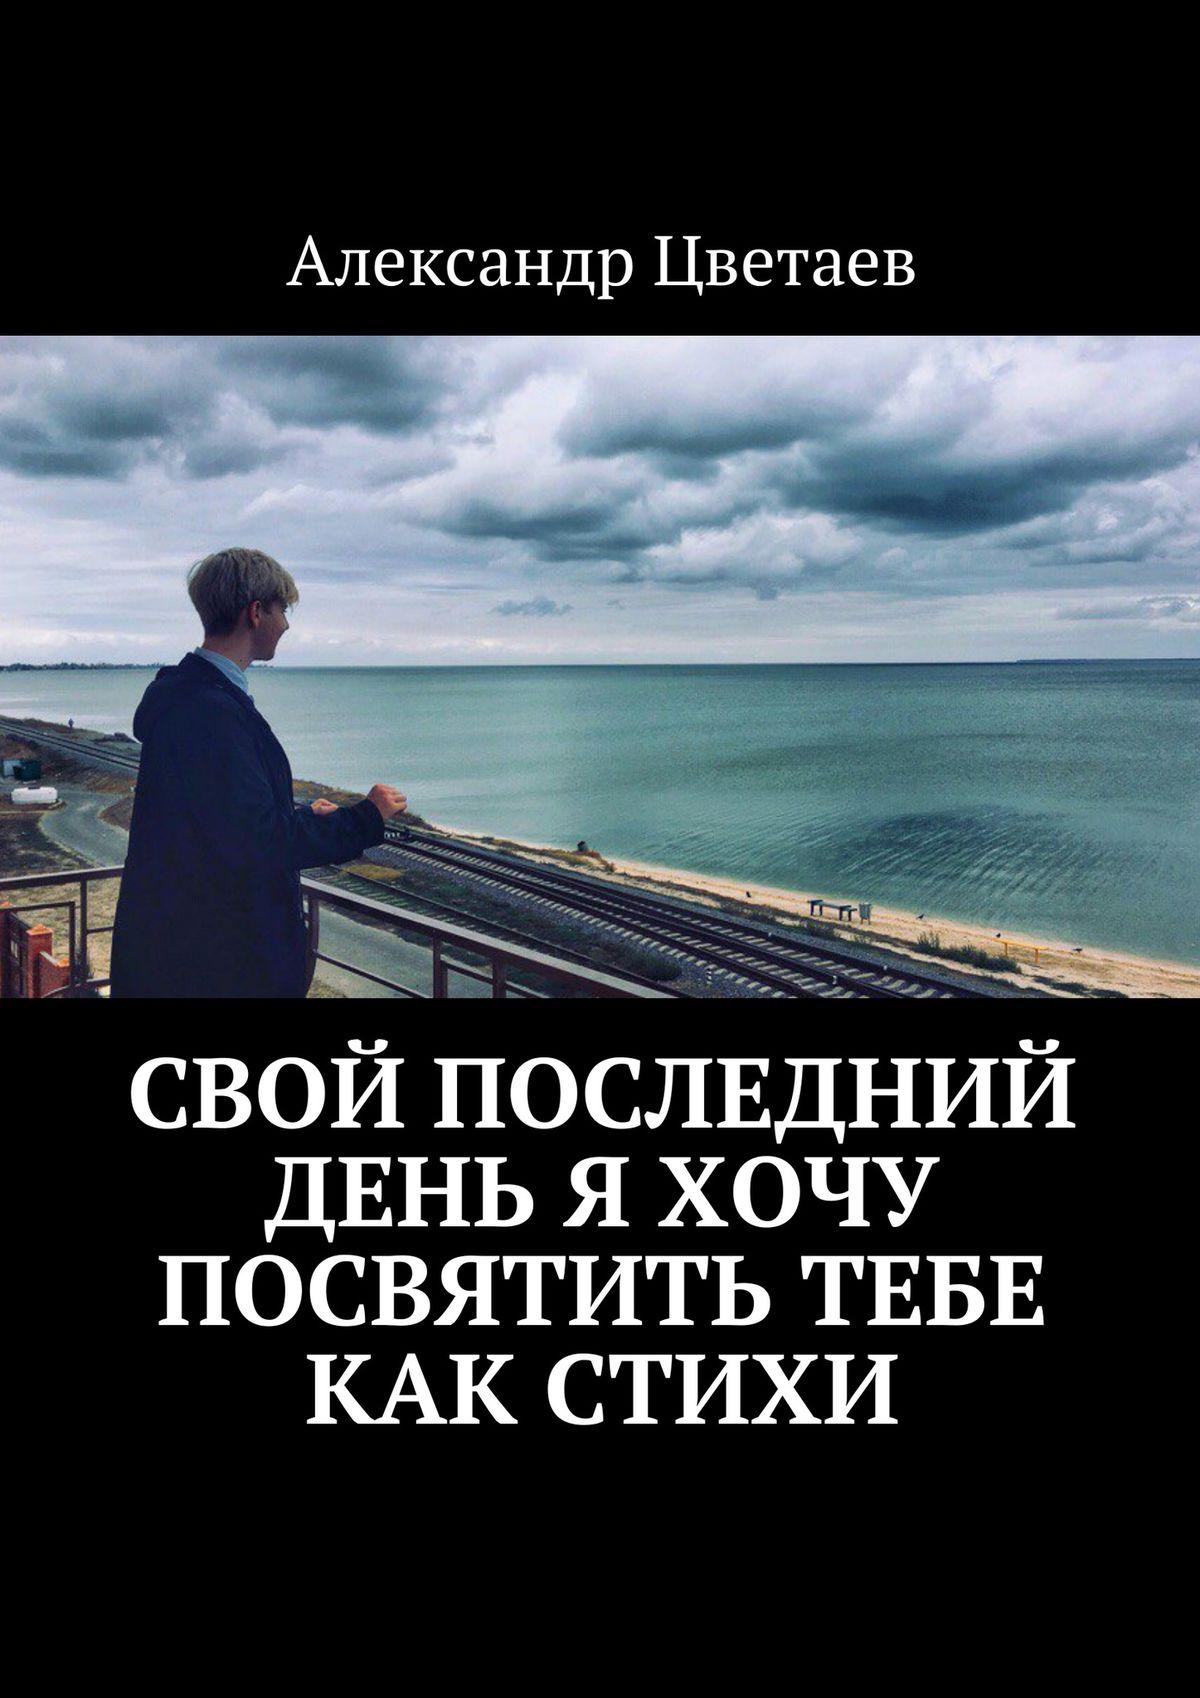 Александр Цветаев Свой последний день я хочу посвятить тебе как стихи александр цветаев нетландия последнее пророчество